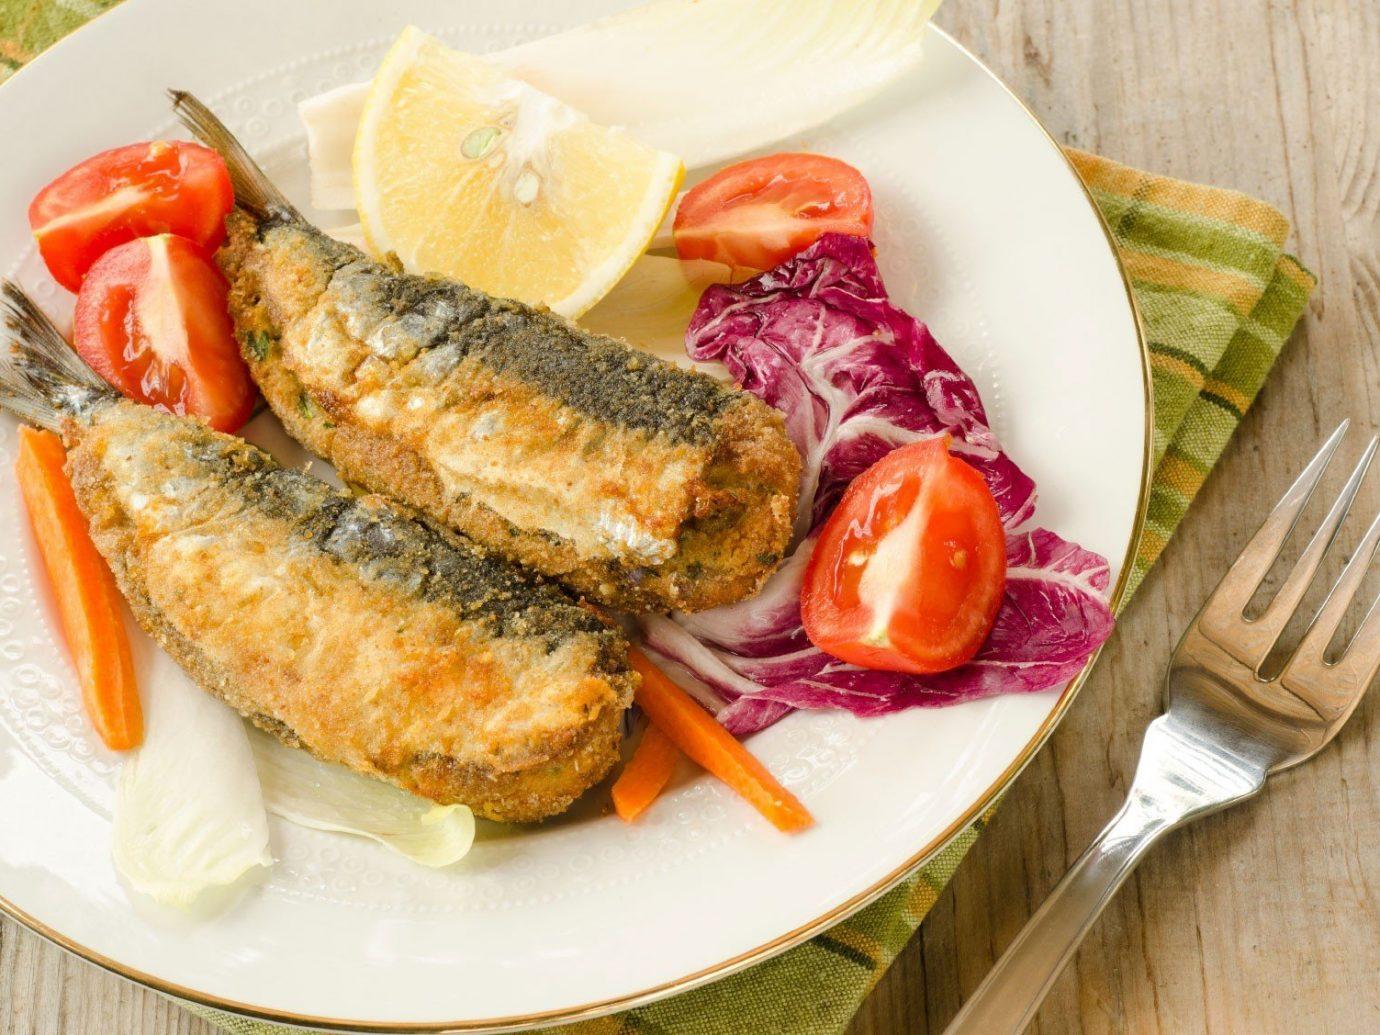 Food + Drink plate food table dish produce cuisine meat vegetable sardine meal fish sliced